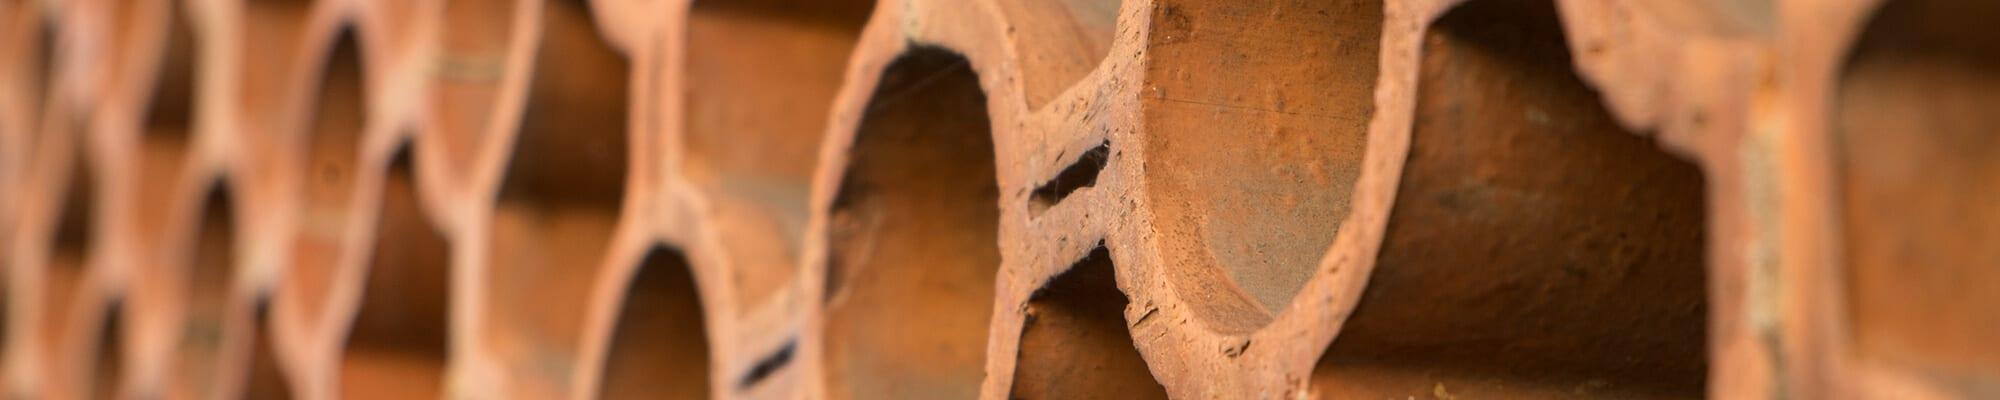 Innovar en materiales de construcción para reinventar modelo de negocio